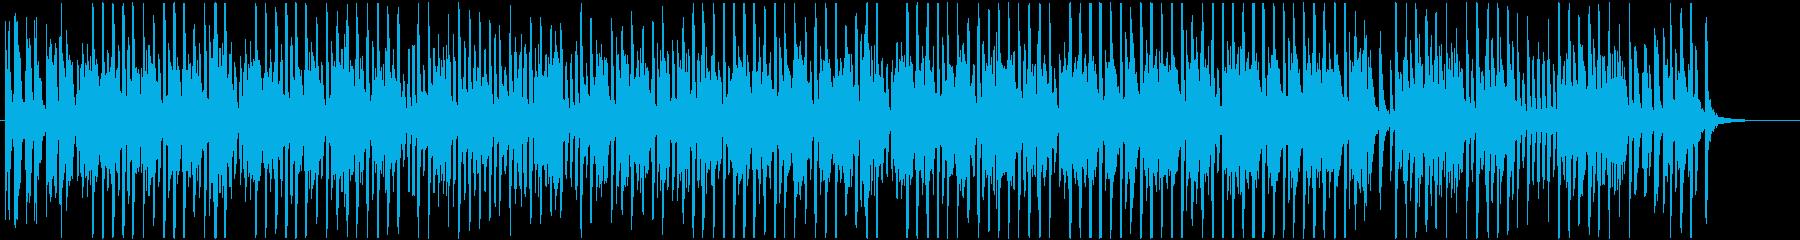 ラグタイムピアノの明るいBGMの再生済みの波形